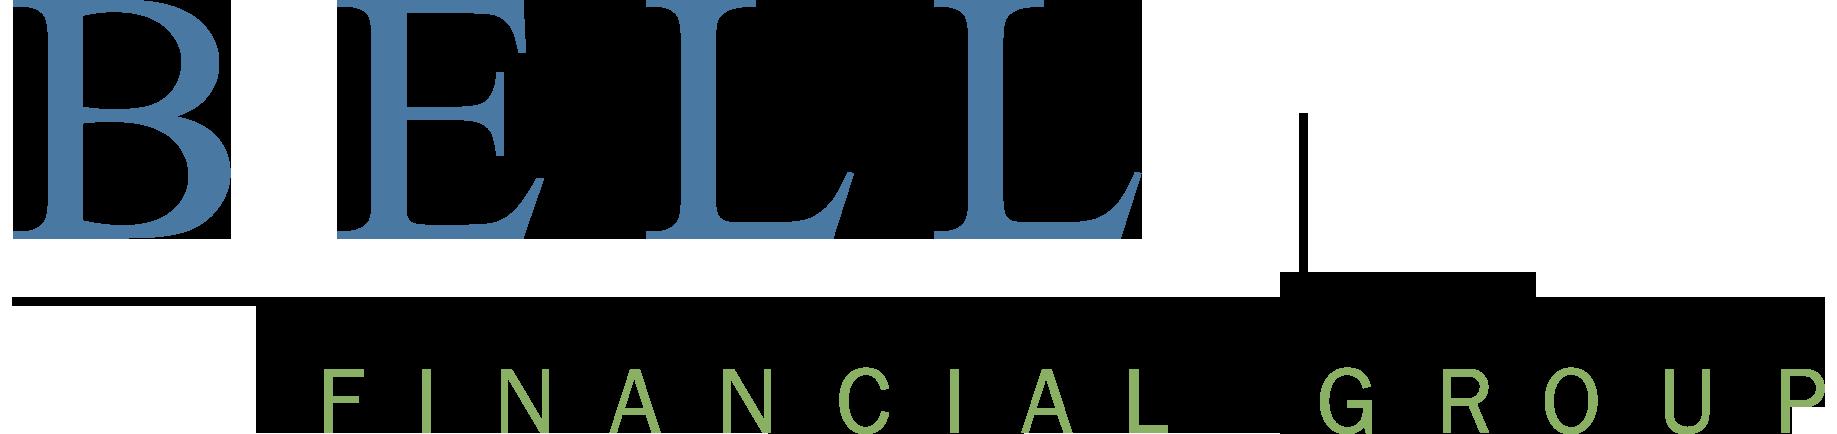 Bell Financial